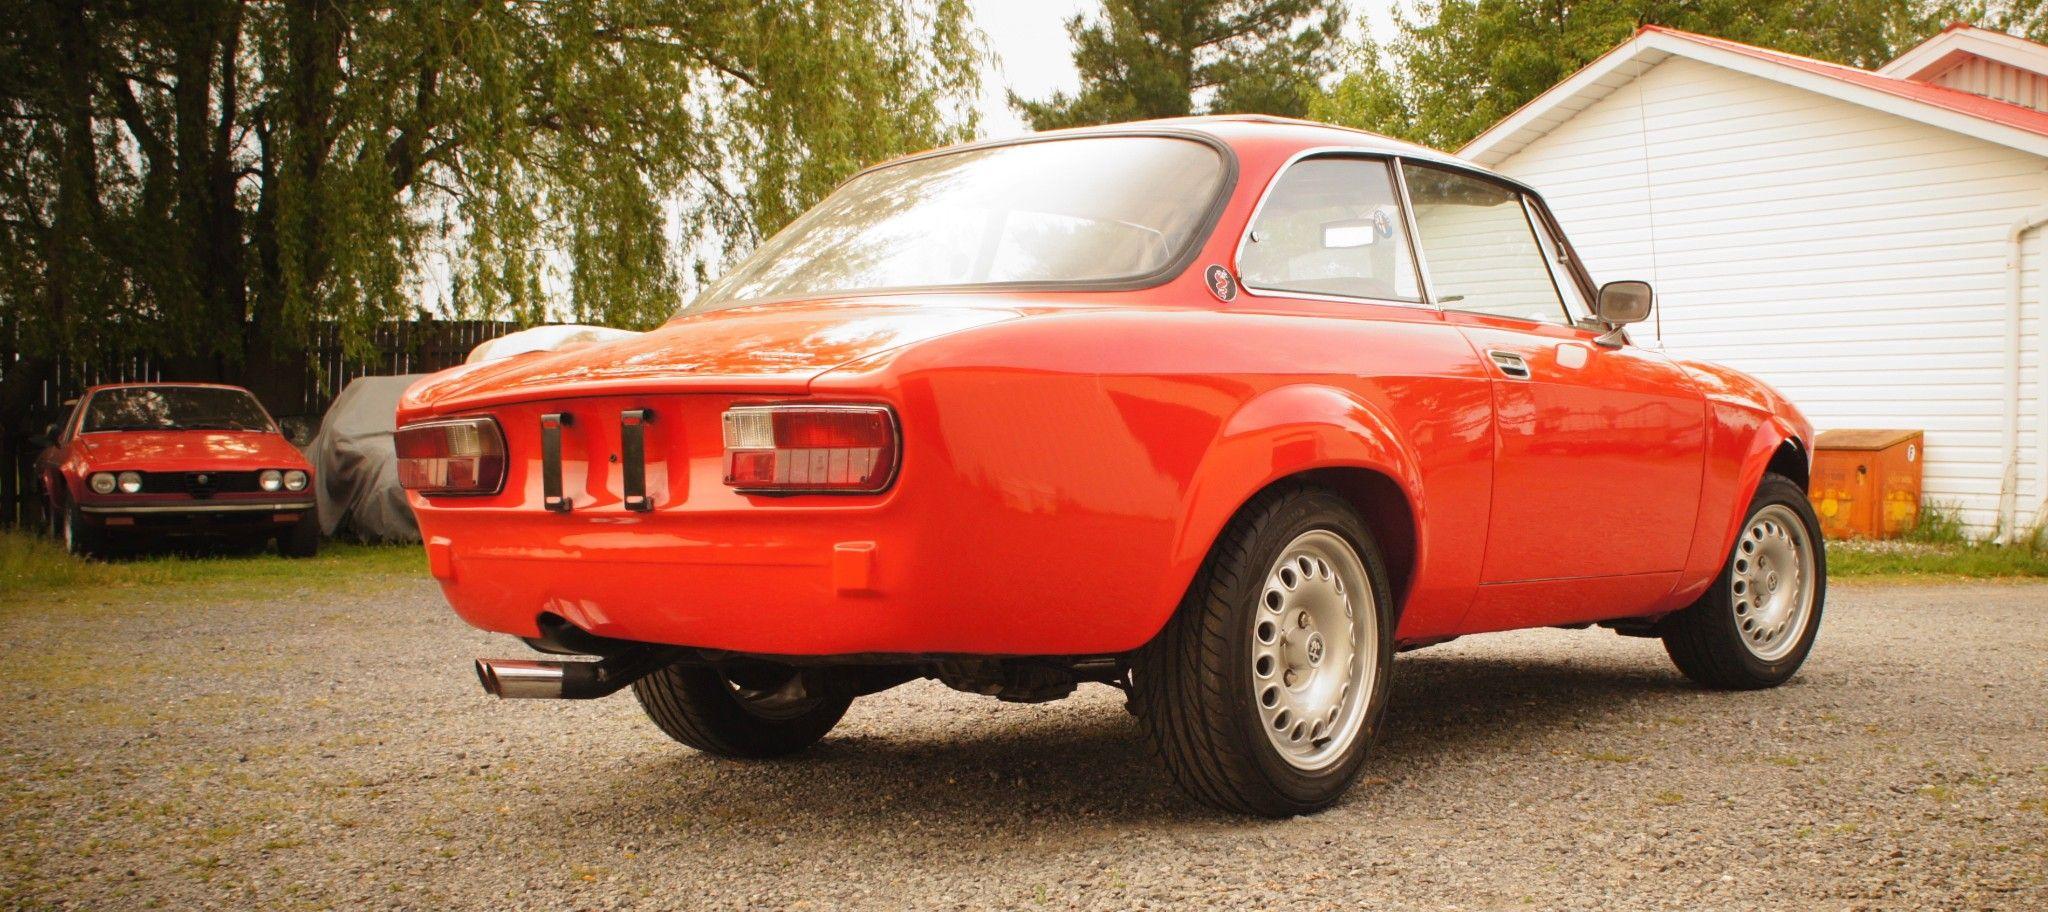 1972 Alfa Romeo Gtv 2000 Alfa Romeo Gtv 2000 Alfa Romeo Gtv Alfa Romeo